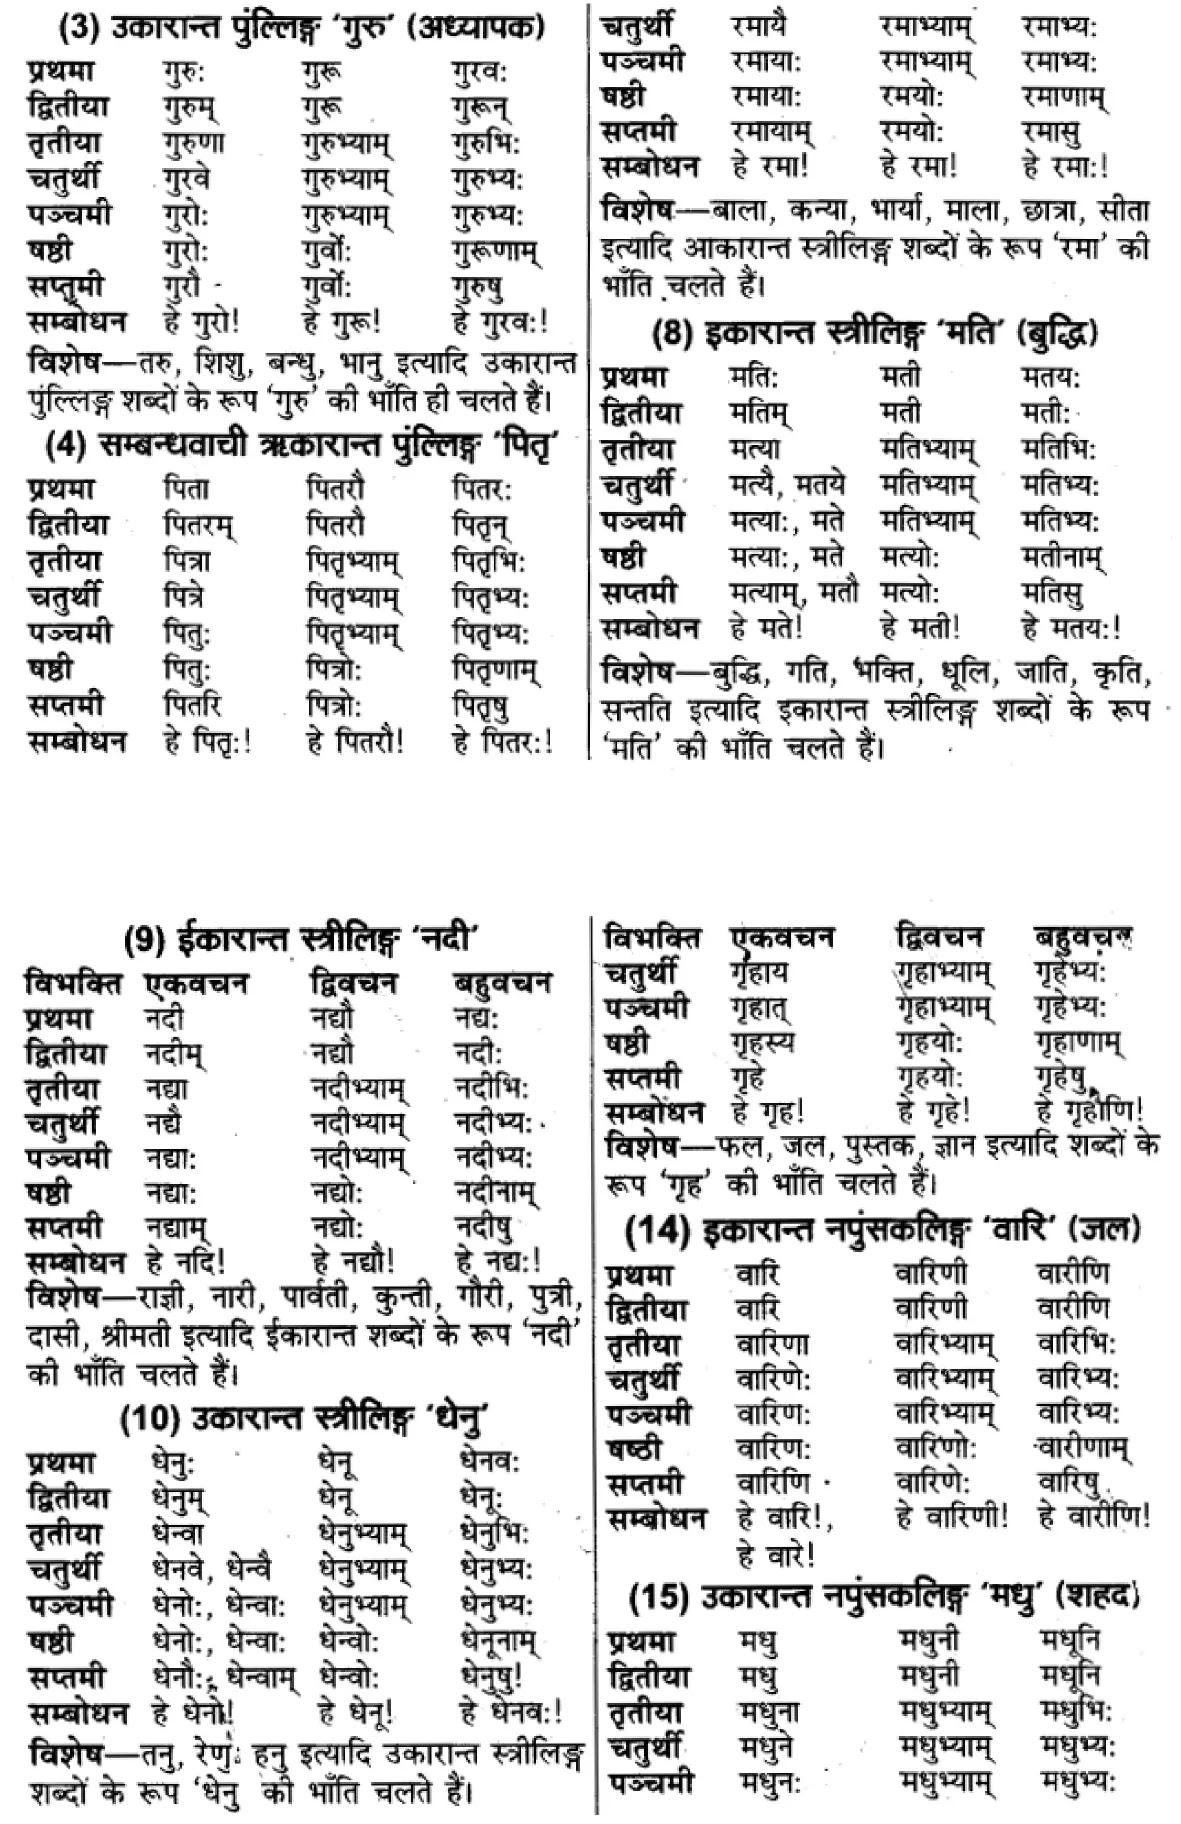 """यूपी बोर्ड एनसीईआरटी समाधान """"कक्षा 11 सामान्य  हिंदी"""" संस्कृत शब्दों में विभक्ति की पहचान  हिंदी में"""